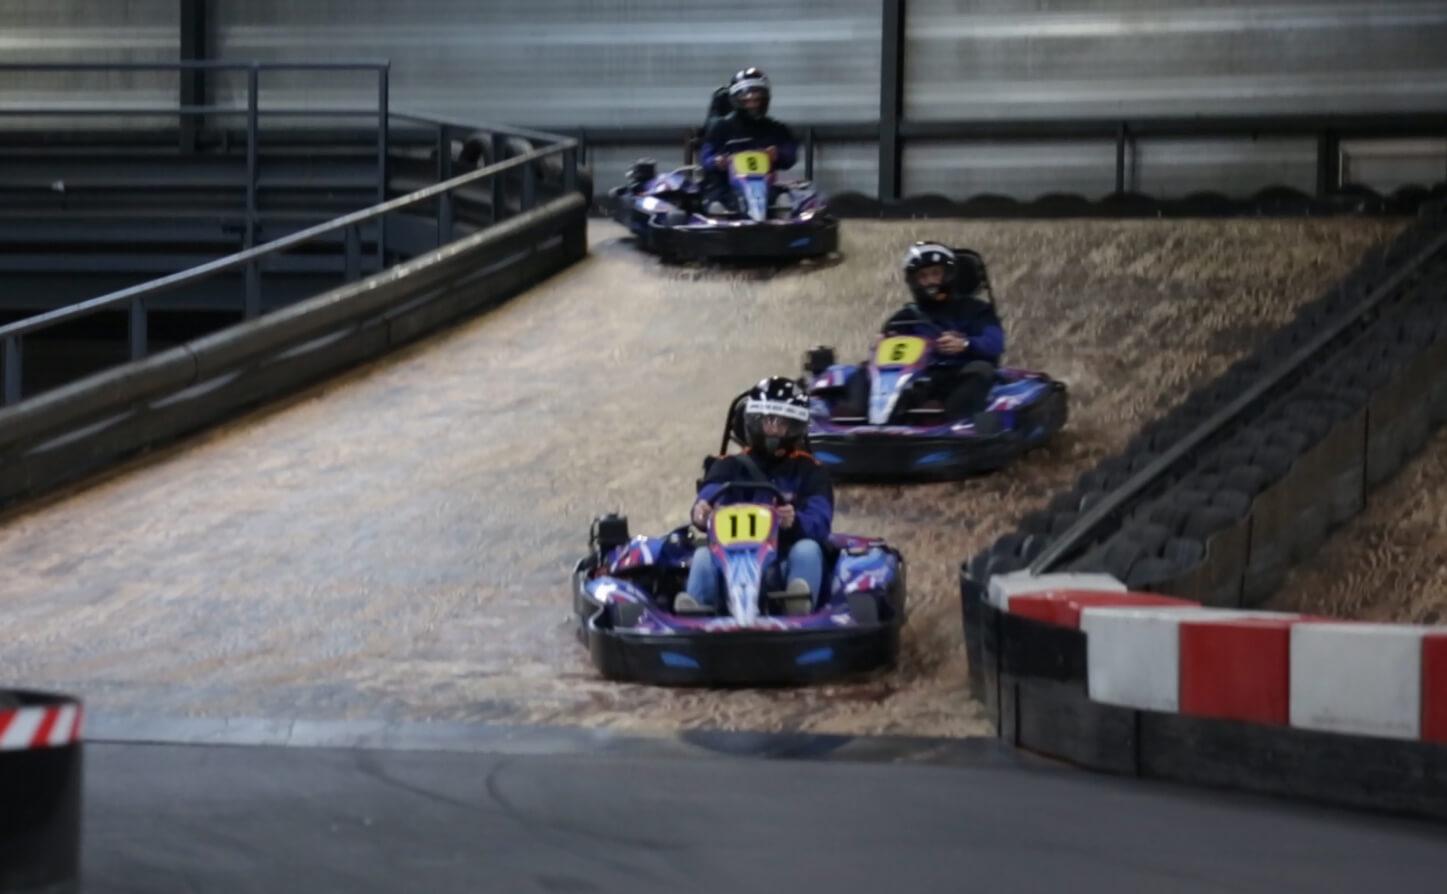 De Grootste Indoor Kartbaan Van Europa Van Der Ende